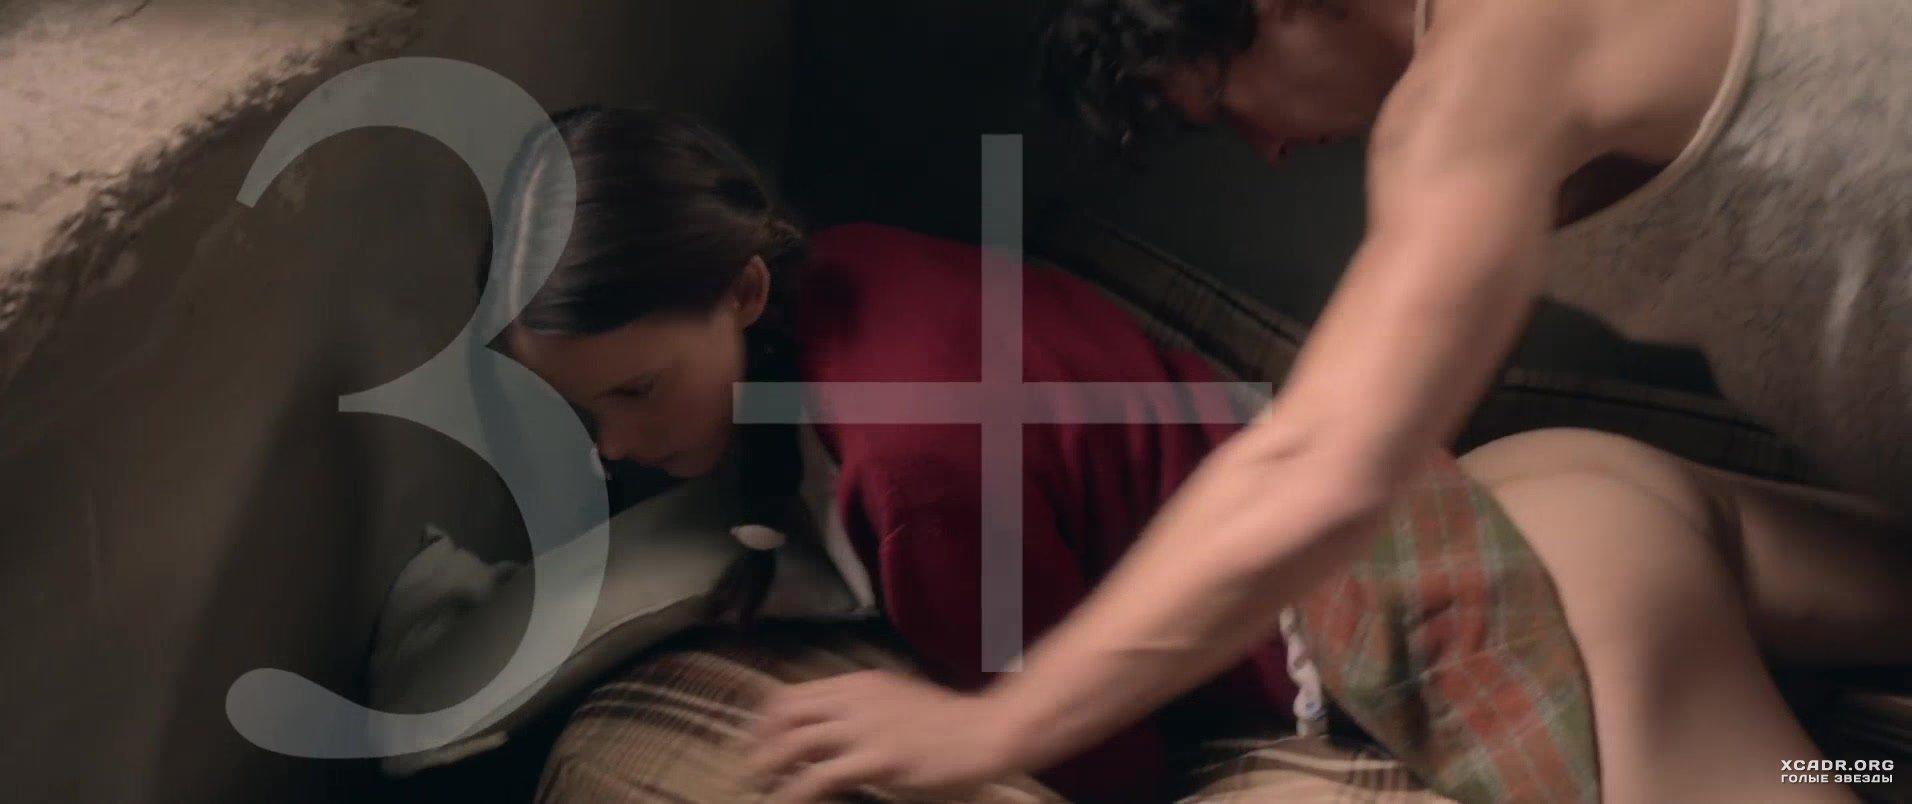 Нимфоманки секс смотреть онлайн